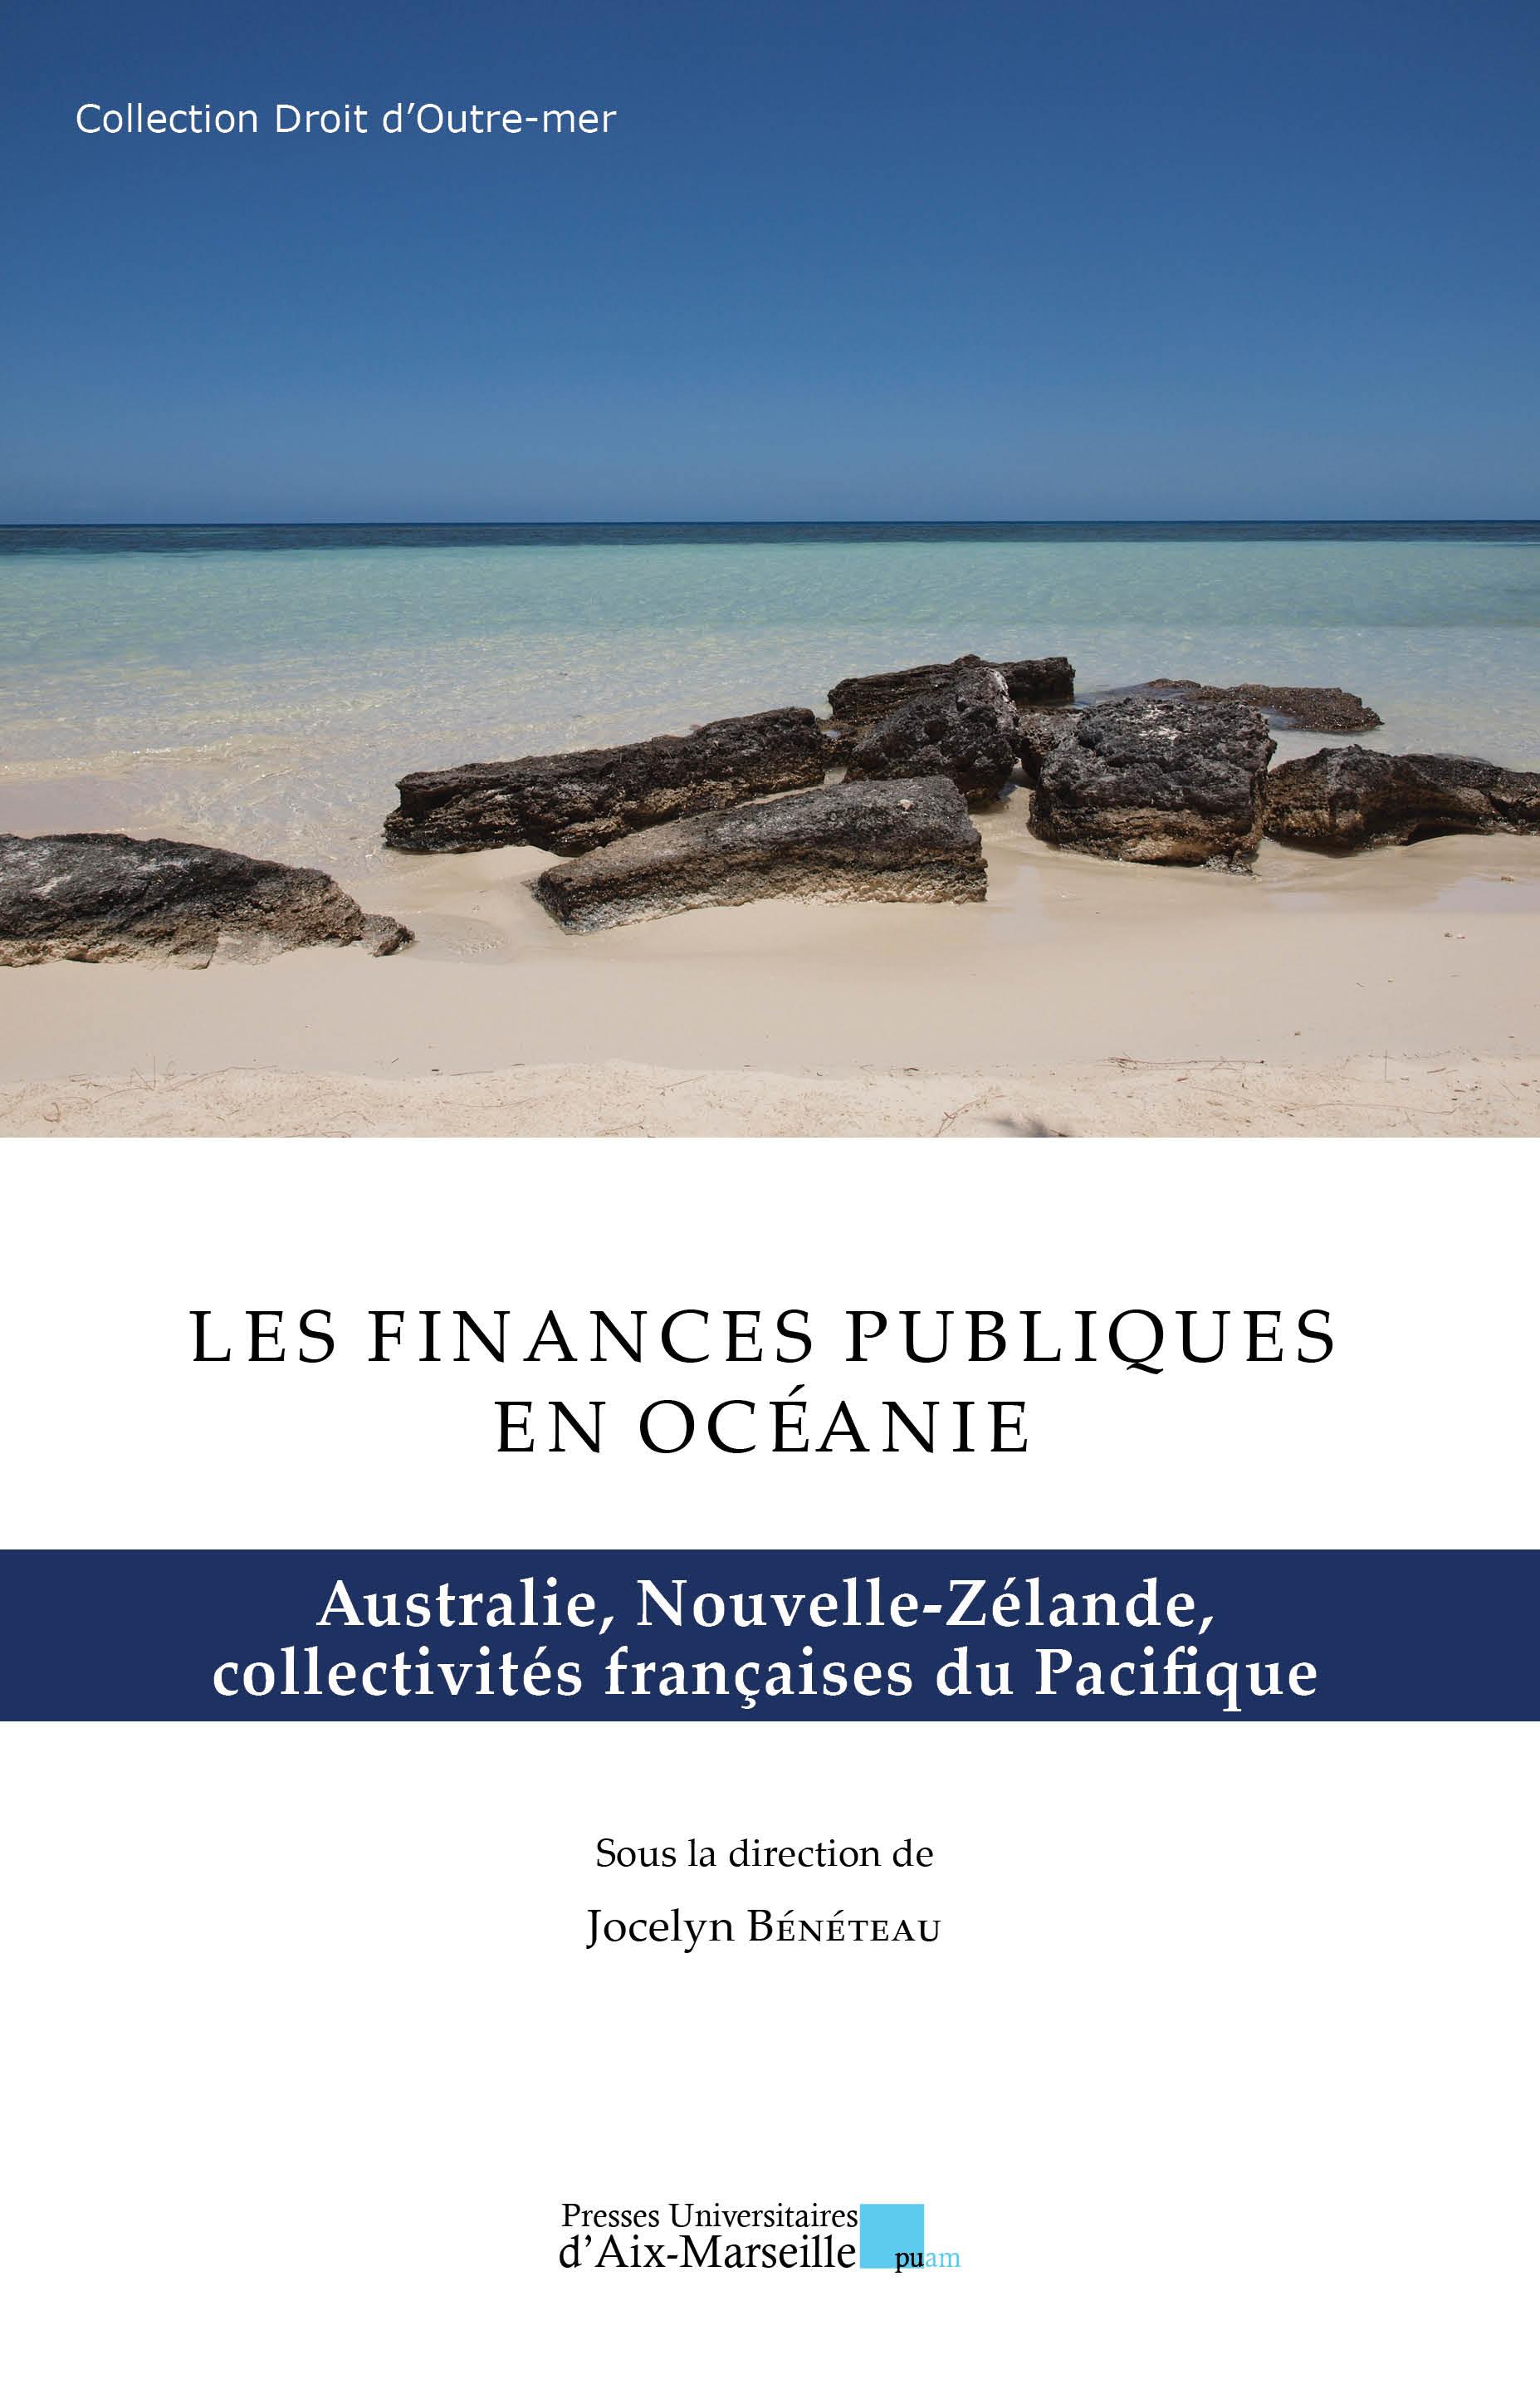 couv_DOM-FINANCES_PUBLIQUES_OCEANIE.jpg